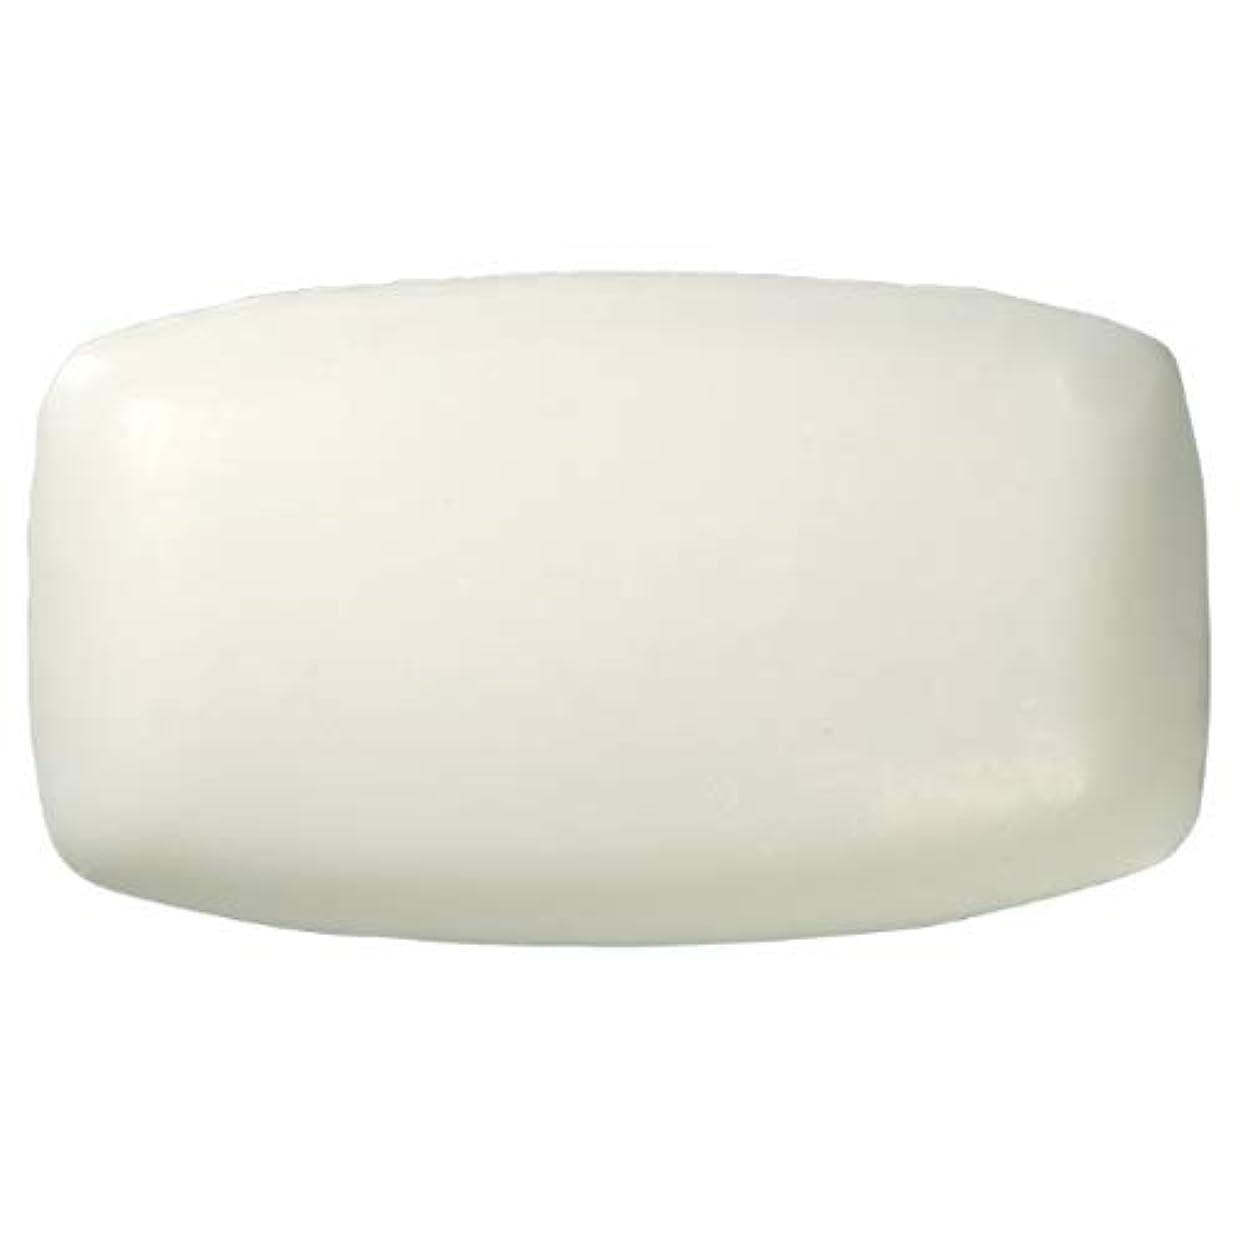 素人国民投票パイプラインフィードソープ(FFID SOAP) 白袋(OP袋) 120g ×30個 | ホテルアメニティ 個包装